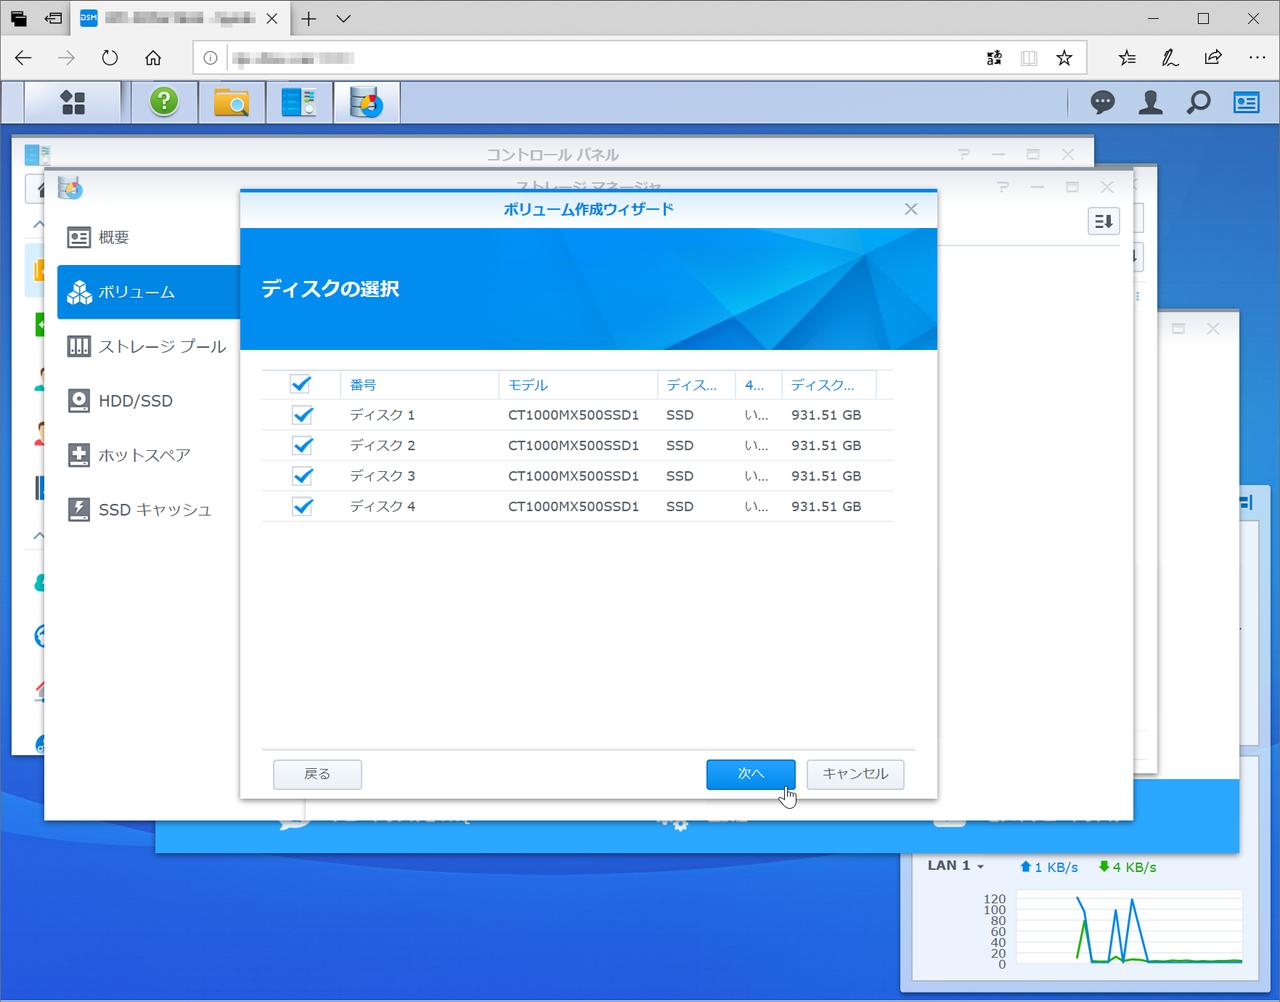 使用するSSDを選択。1TB(システム上は931.51GB表示)のCrucial MX500を4台すべて投入!